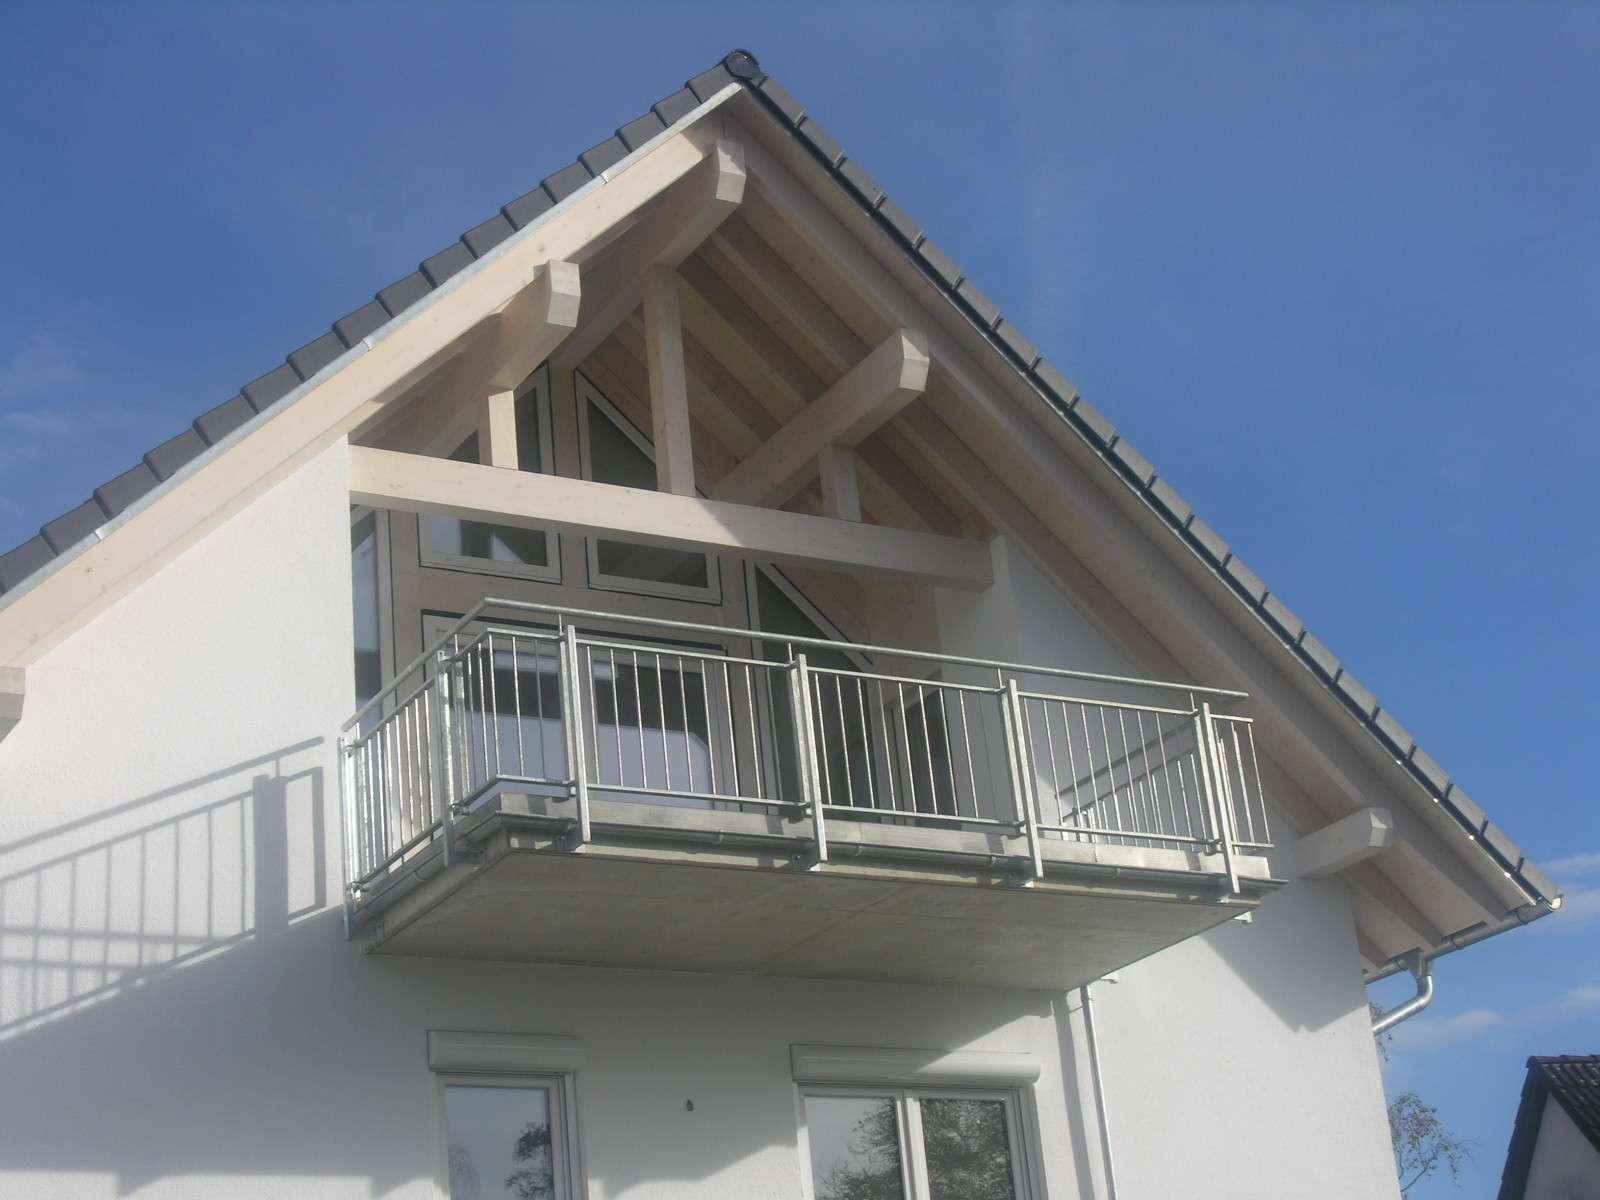 Wohnen in Bestlage von Fürstenfeldbruck: 2-Zimmer-Dachgeschosswohnung mit großer Loggia/Balkon